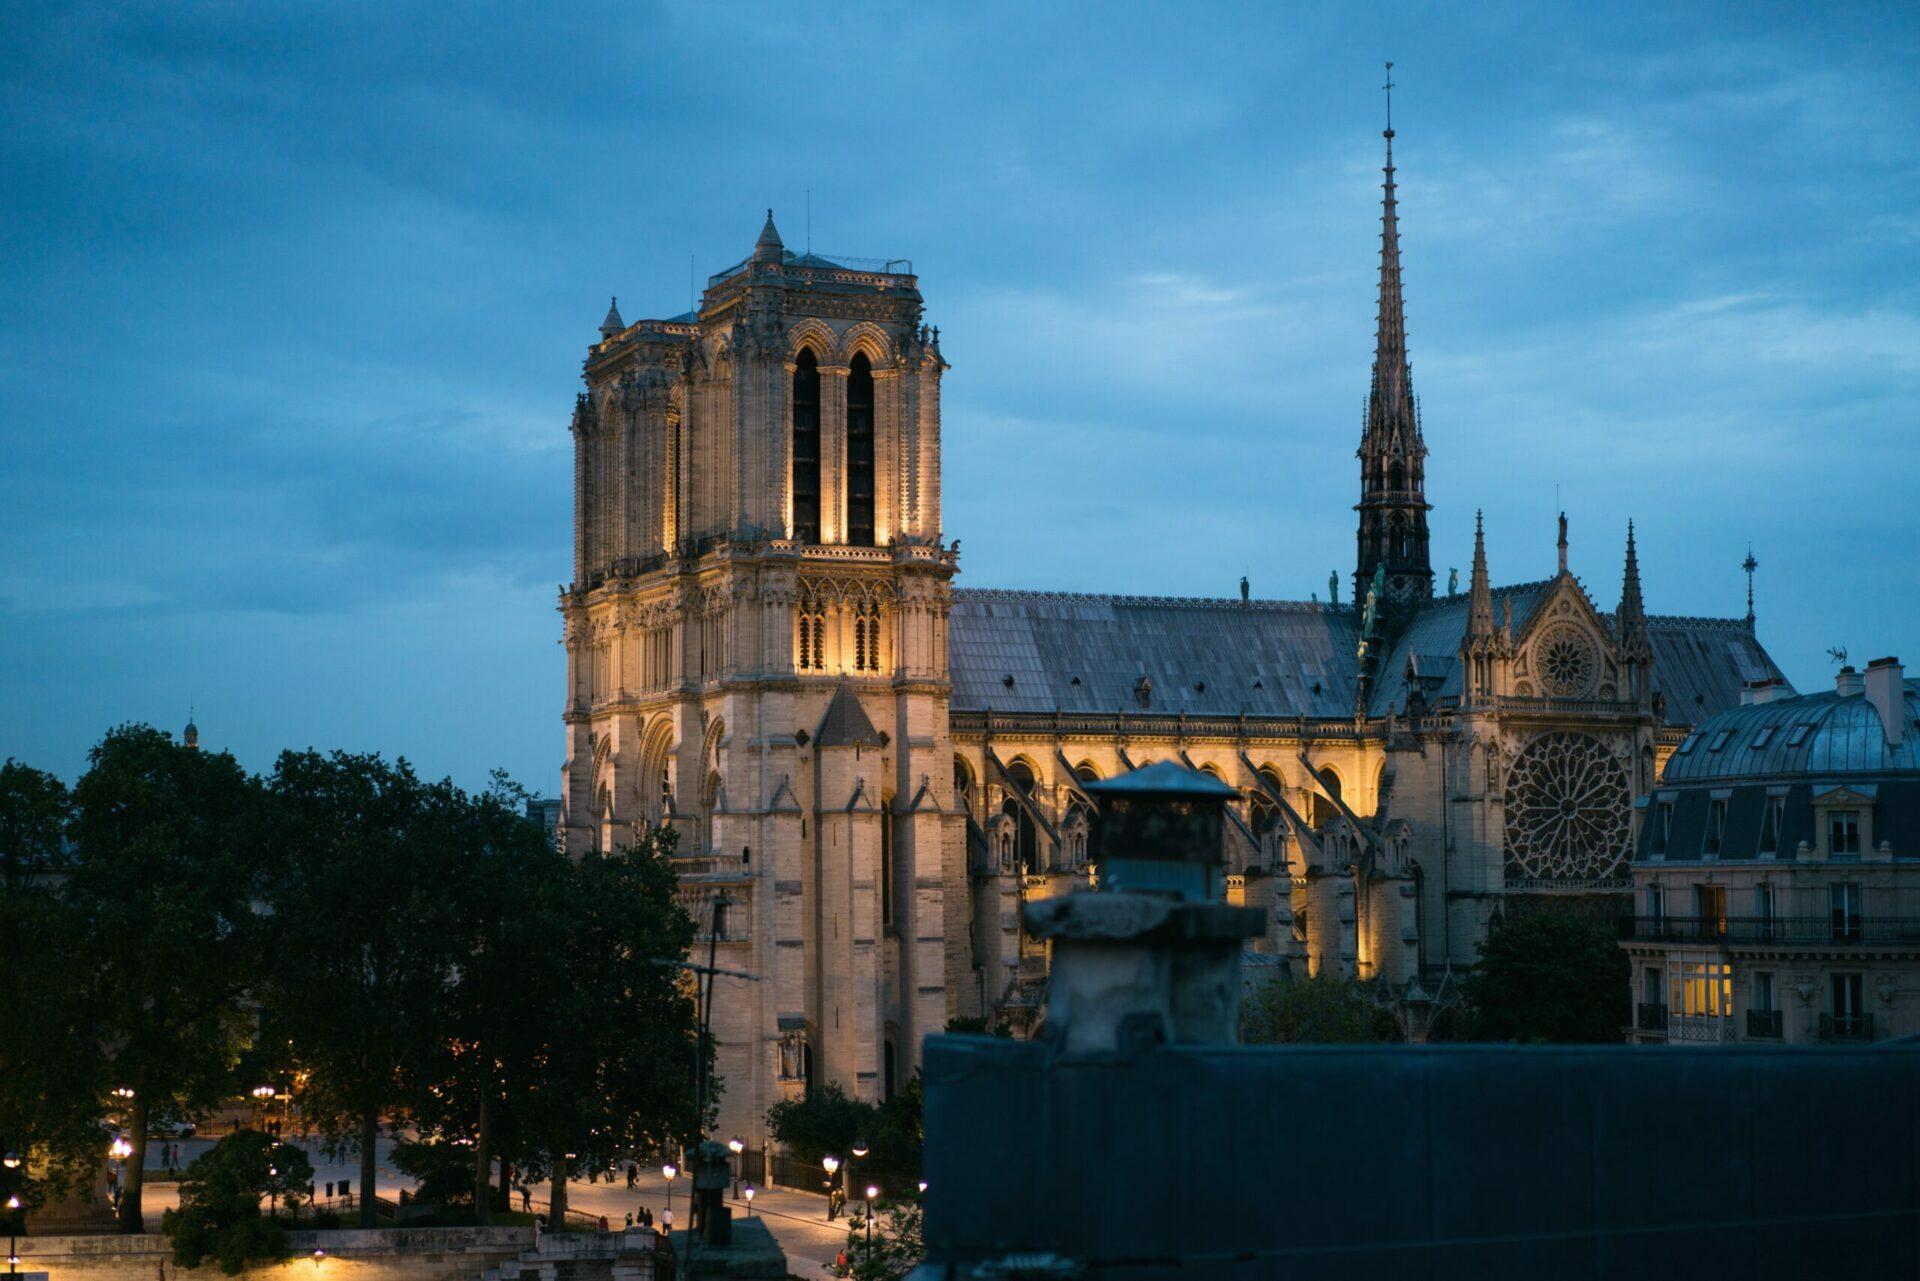 La Cathédrale Notre Dame de Paris : un an après l'incendie où en sont les travaux ?